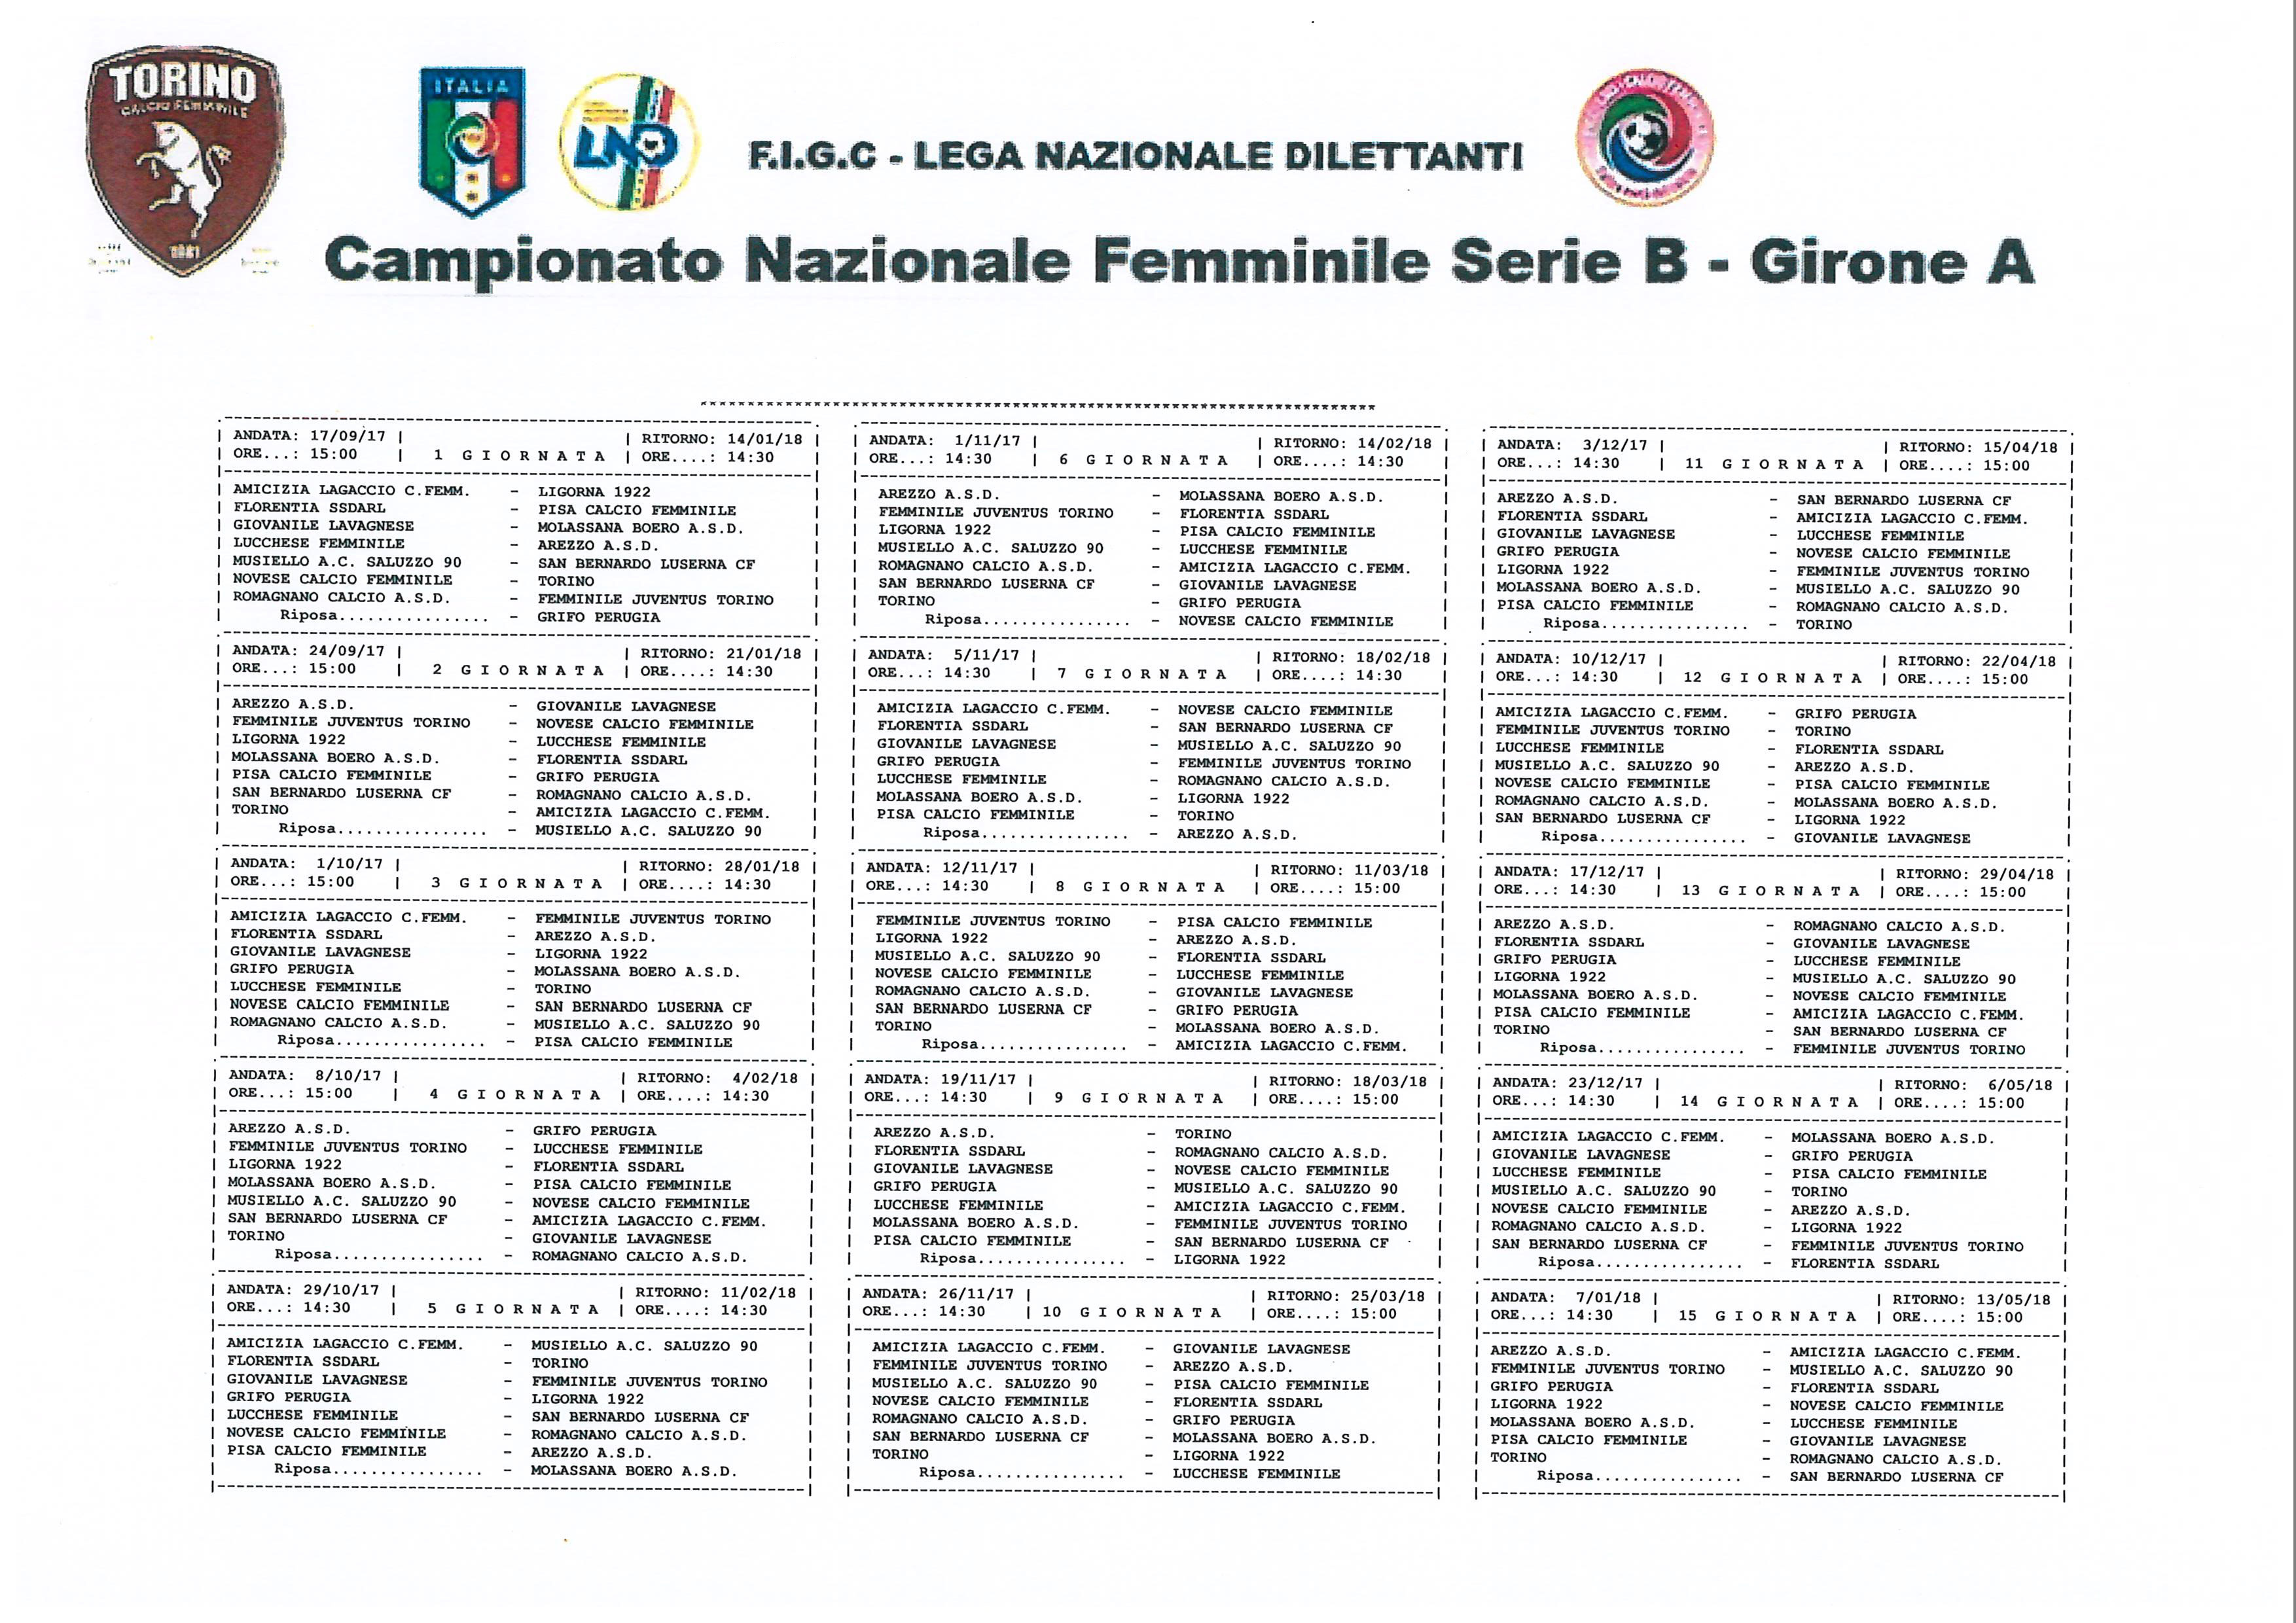 Calendario Calcio Femminile Serie B.Campionato Serie C Girone A 2018 2019 Benvenuti Su